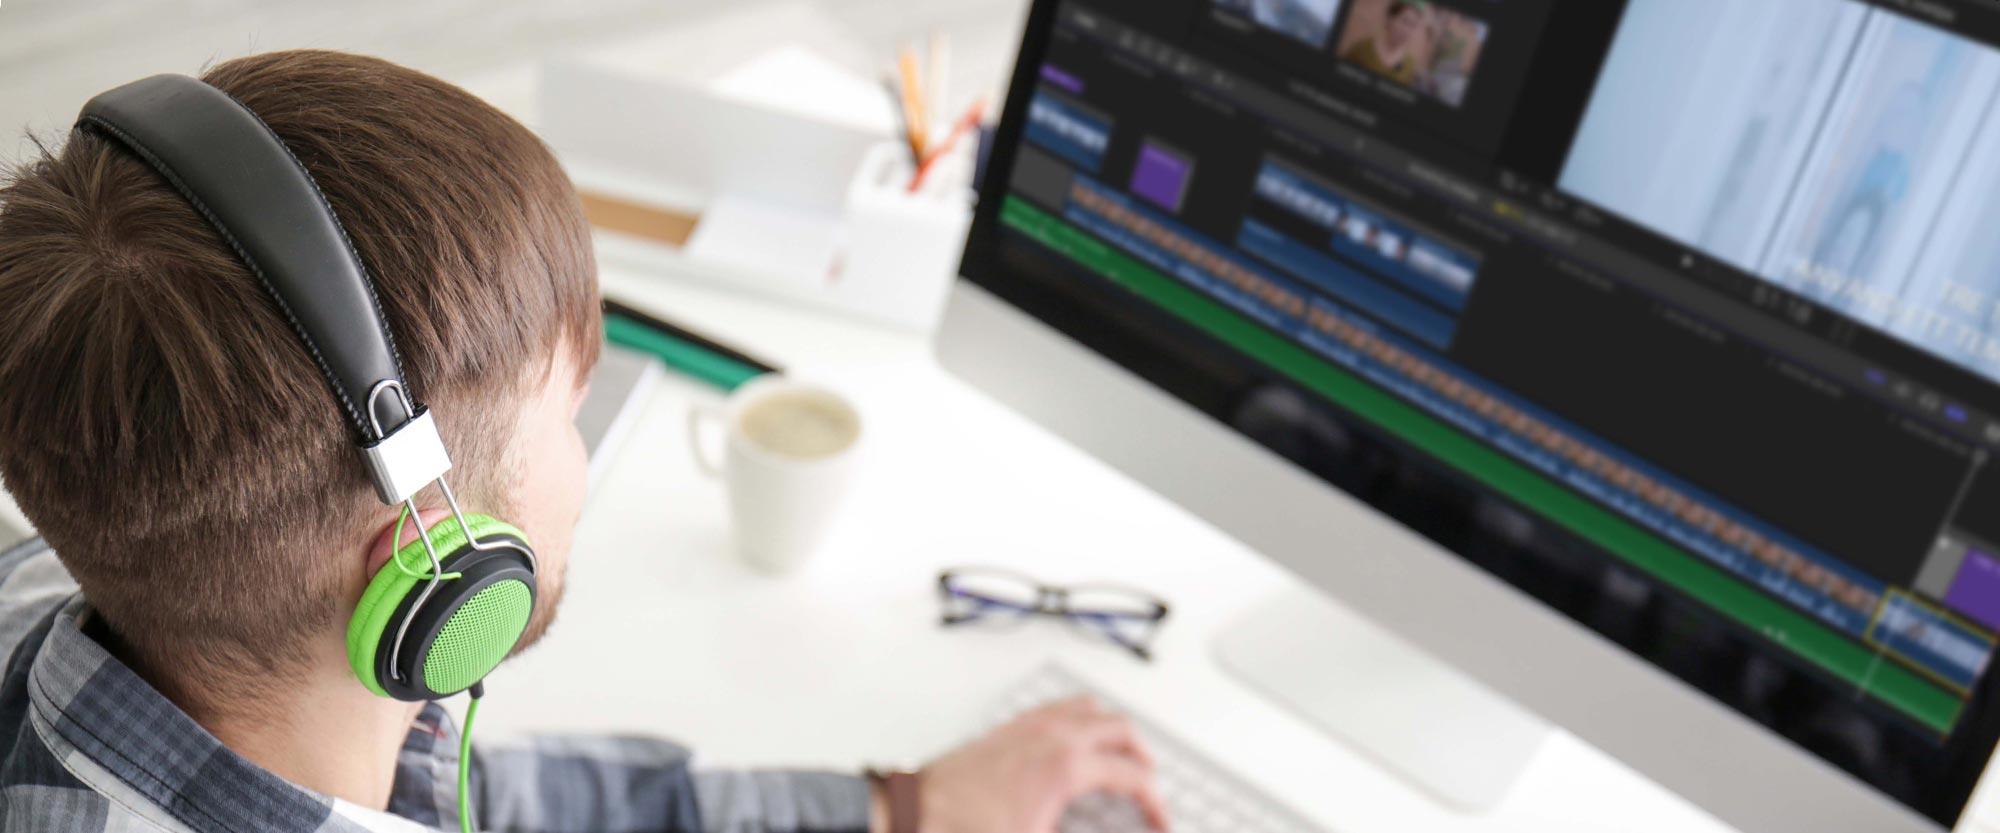 Onlinekurs Grunderna i att videoredigera